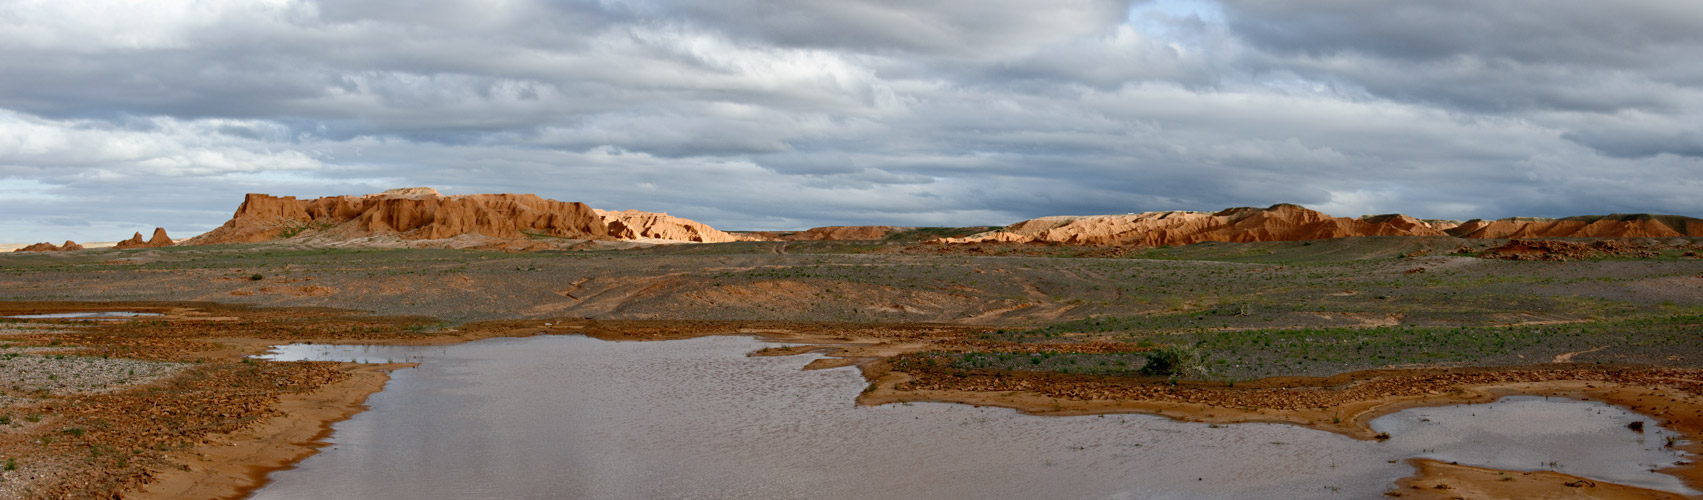 Mongolei-Flaming Cliffs 3